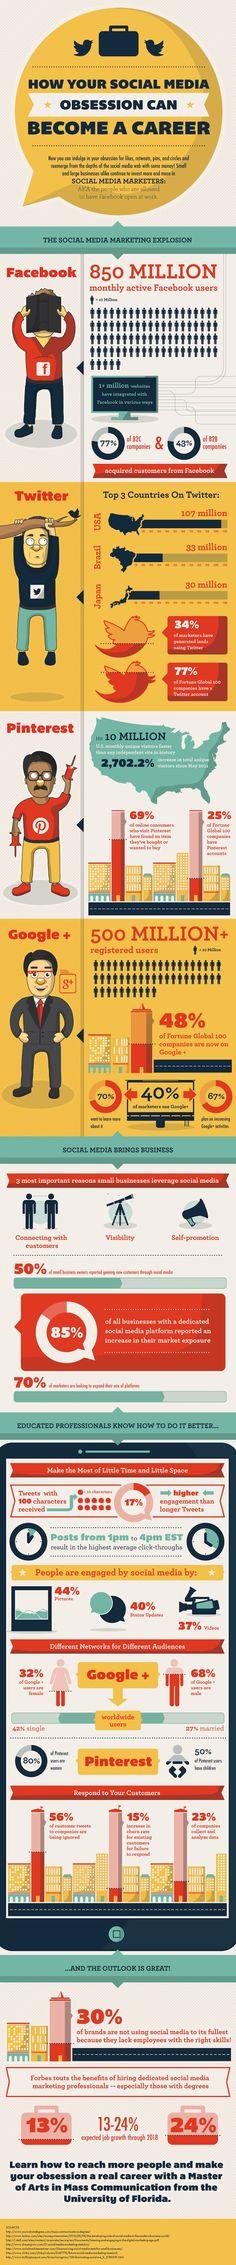 Infographie sur l'utilisation des réseaux sociaux par les entreprises. ex : 77% des entreprises BtoC et 43% des entreprises BtoB font des affaires via Facebook et que 33% des marketeurs gagnent de nouveaux clients sur Twitter